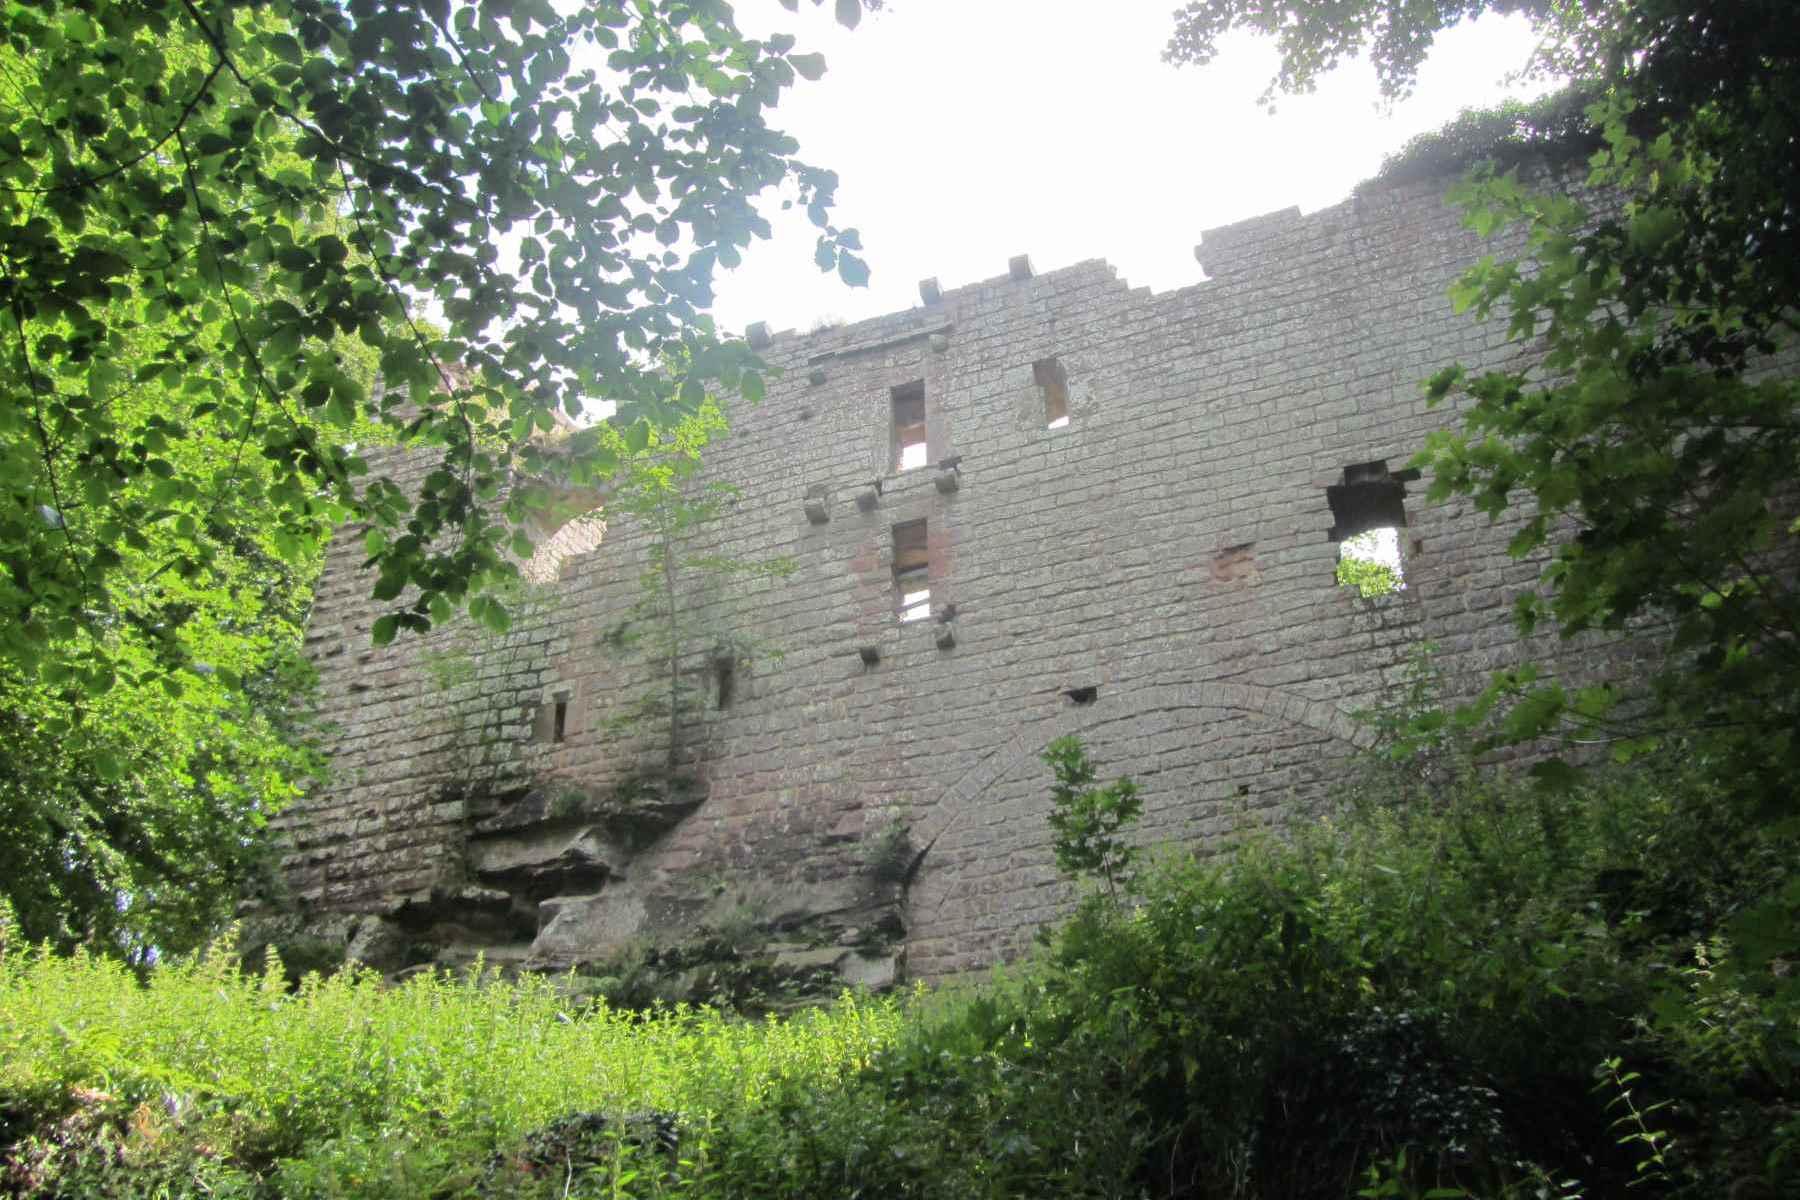 Visite : Sur les traces des châteaux du massif